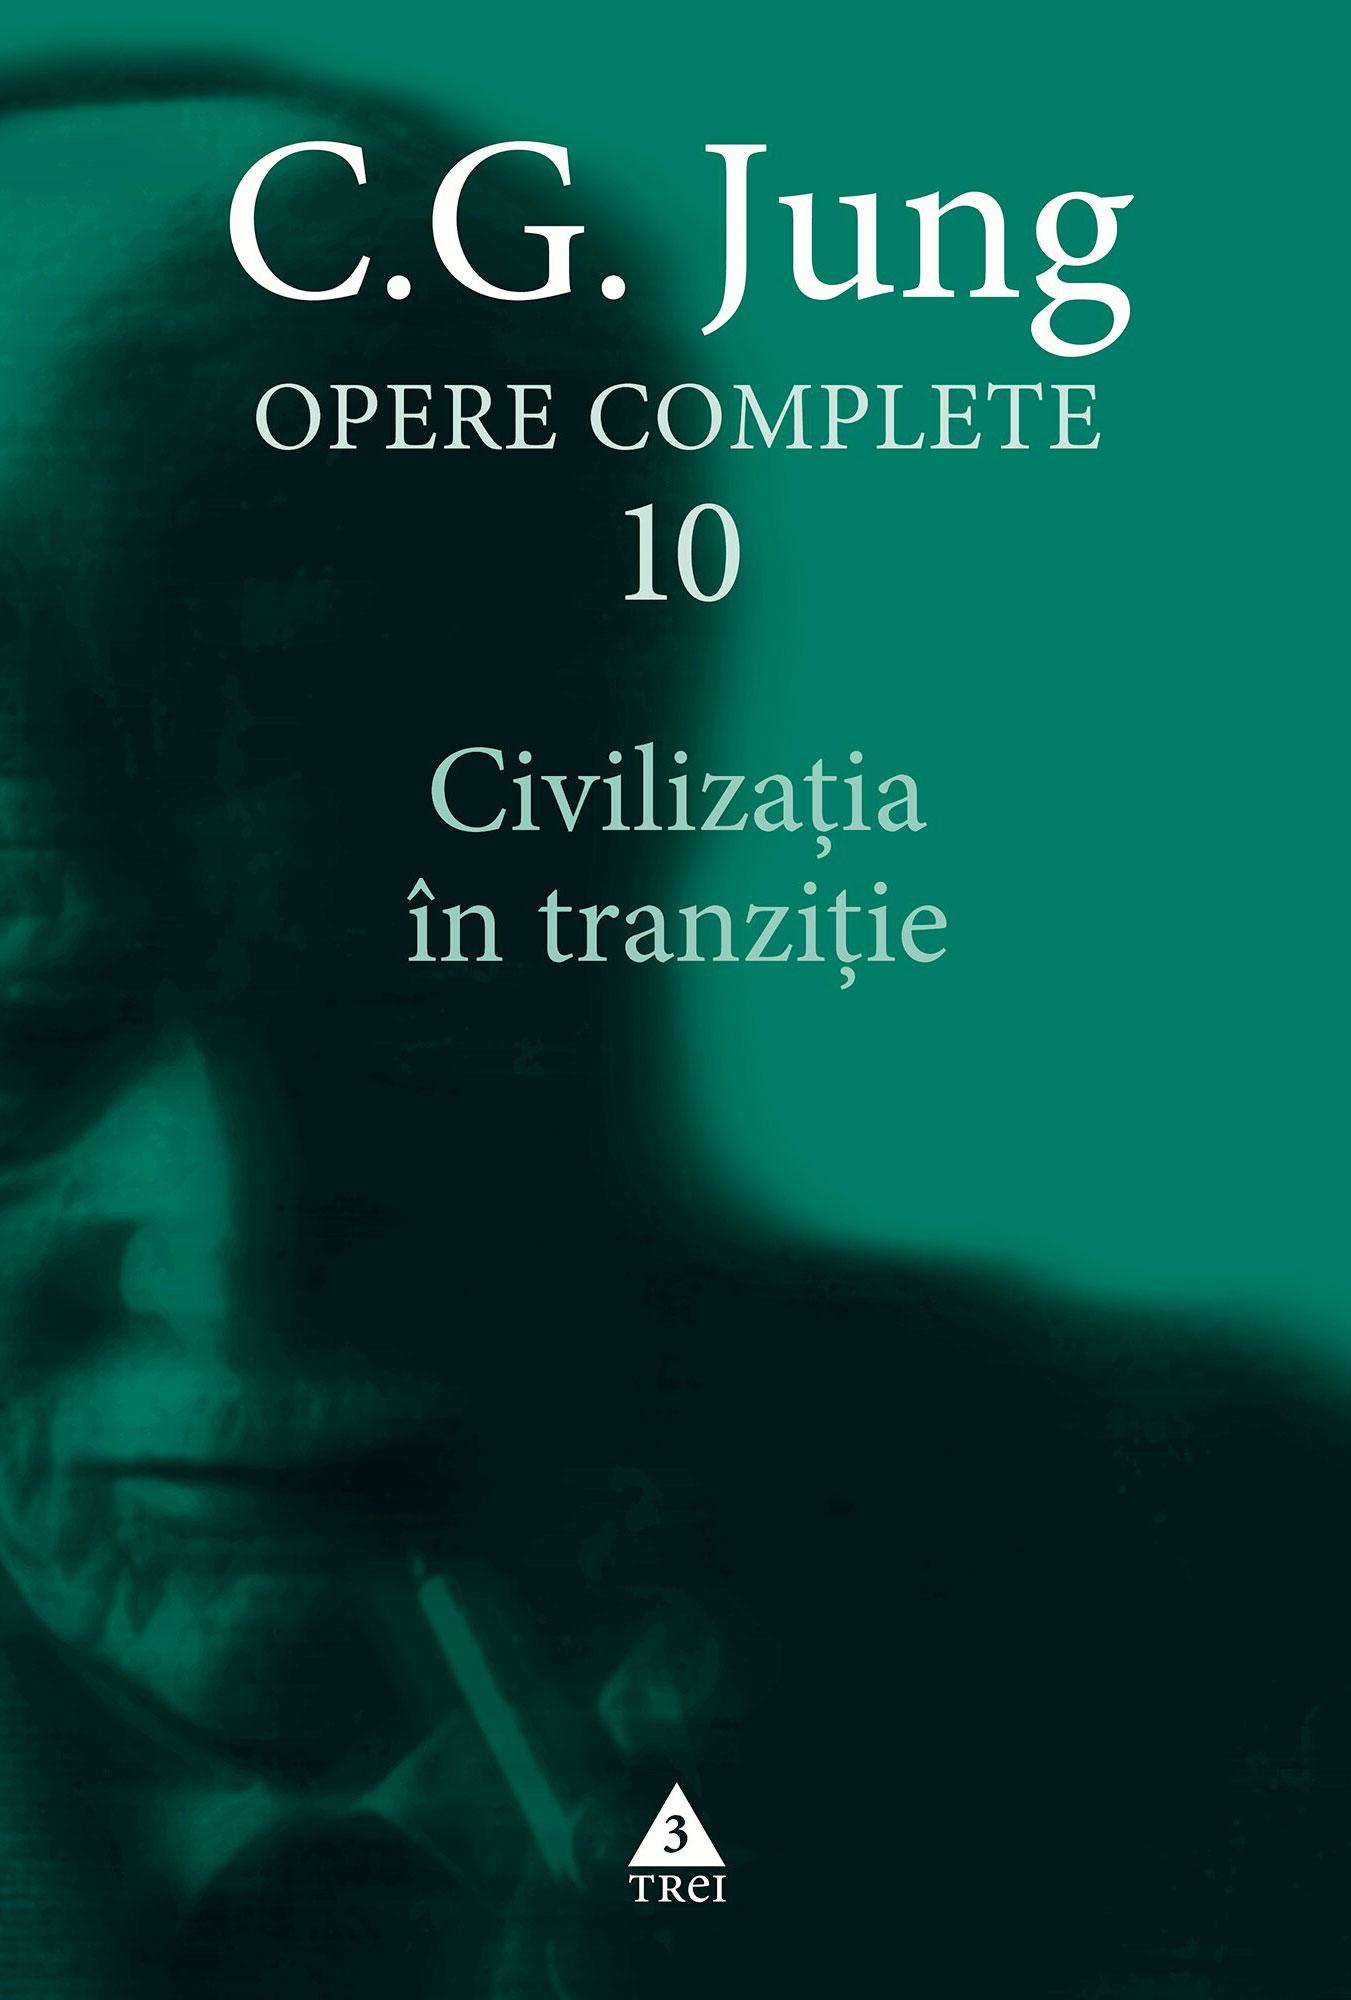 C.G. JUNG - OPERE COMPLETE 10 - Civilizatia in tranzitie